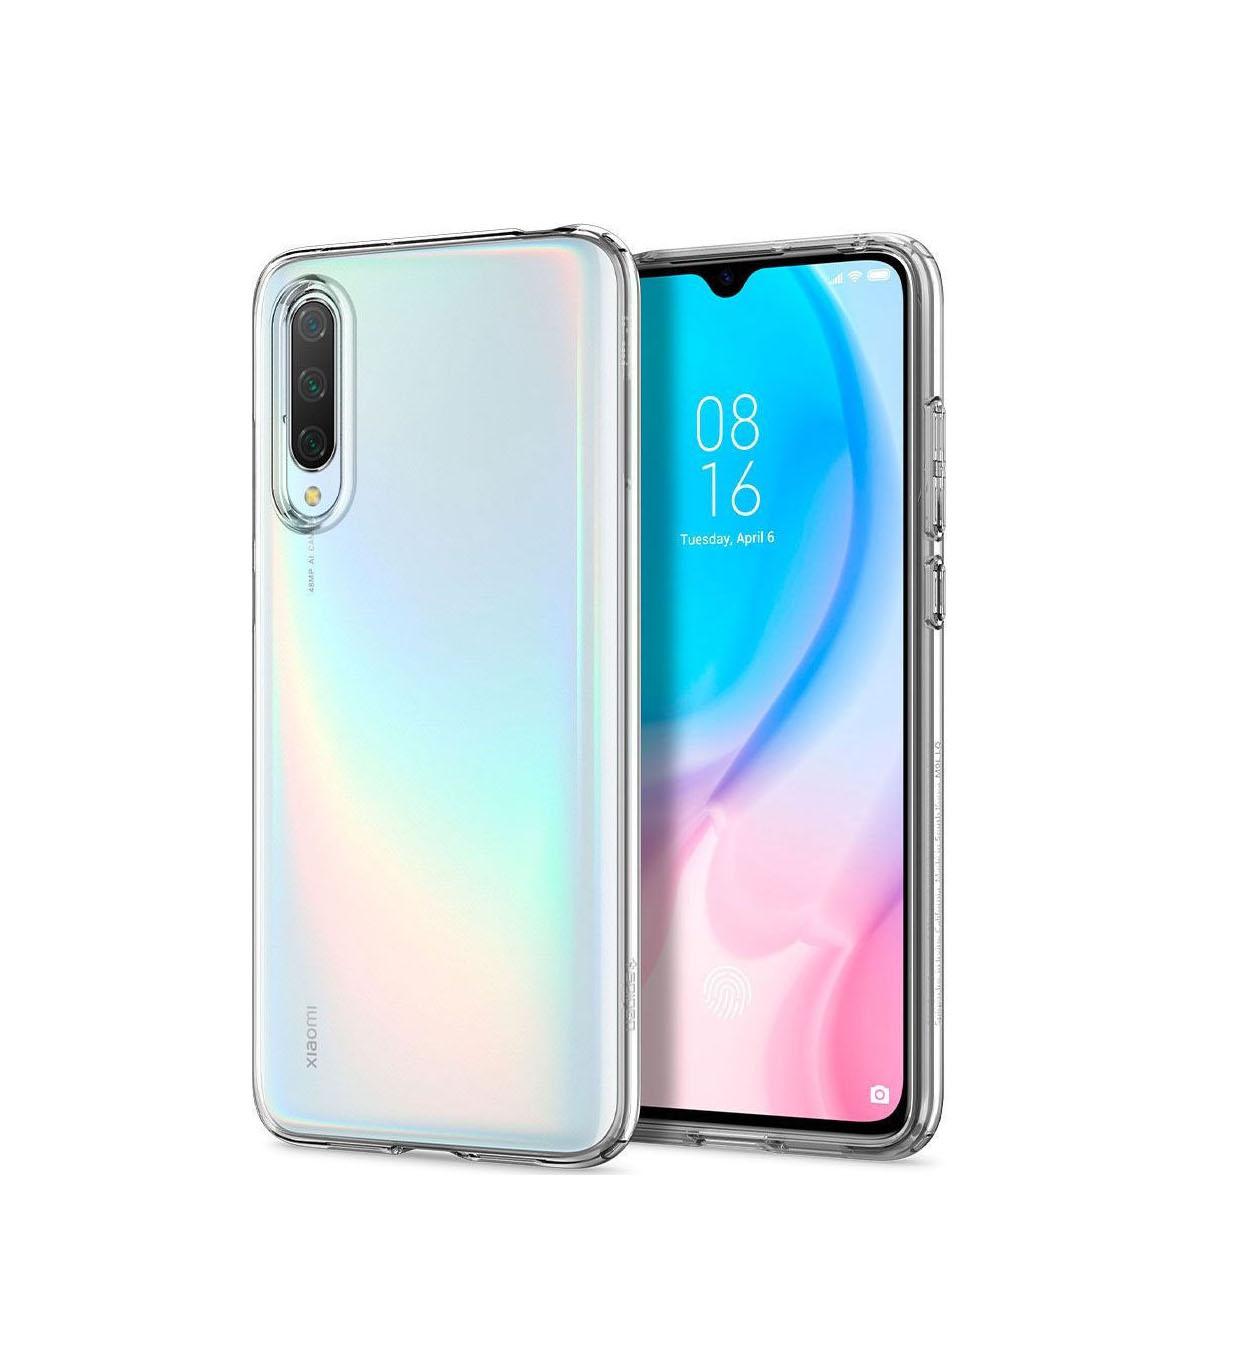 Θήκη Spigen Liquid Crystal για Xiaomi Mi 9 Lite Crystal CLear S52CS26401